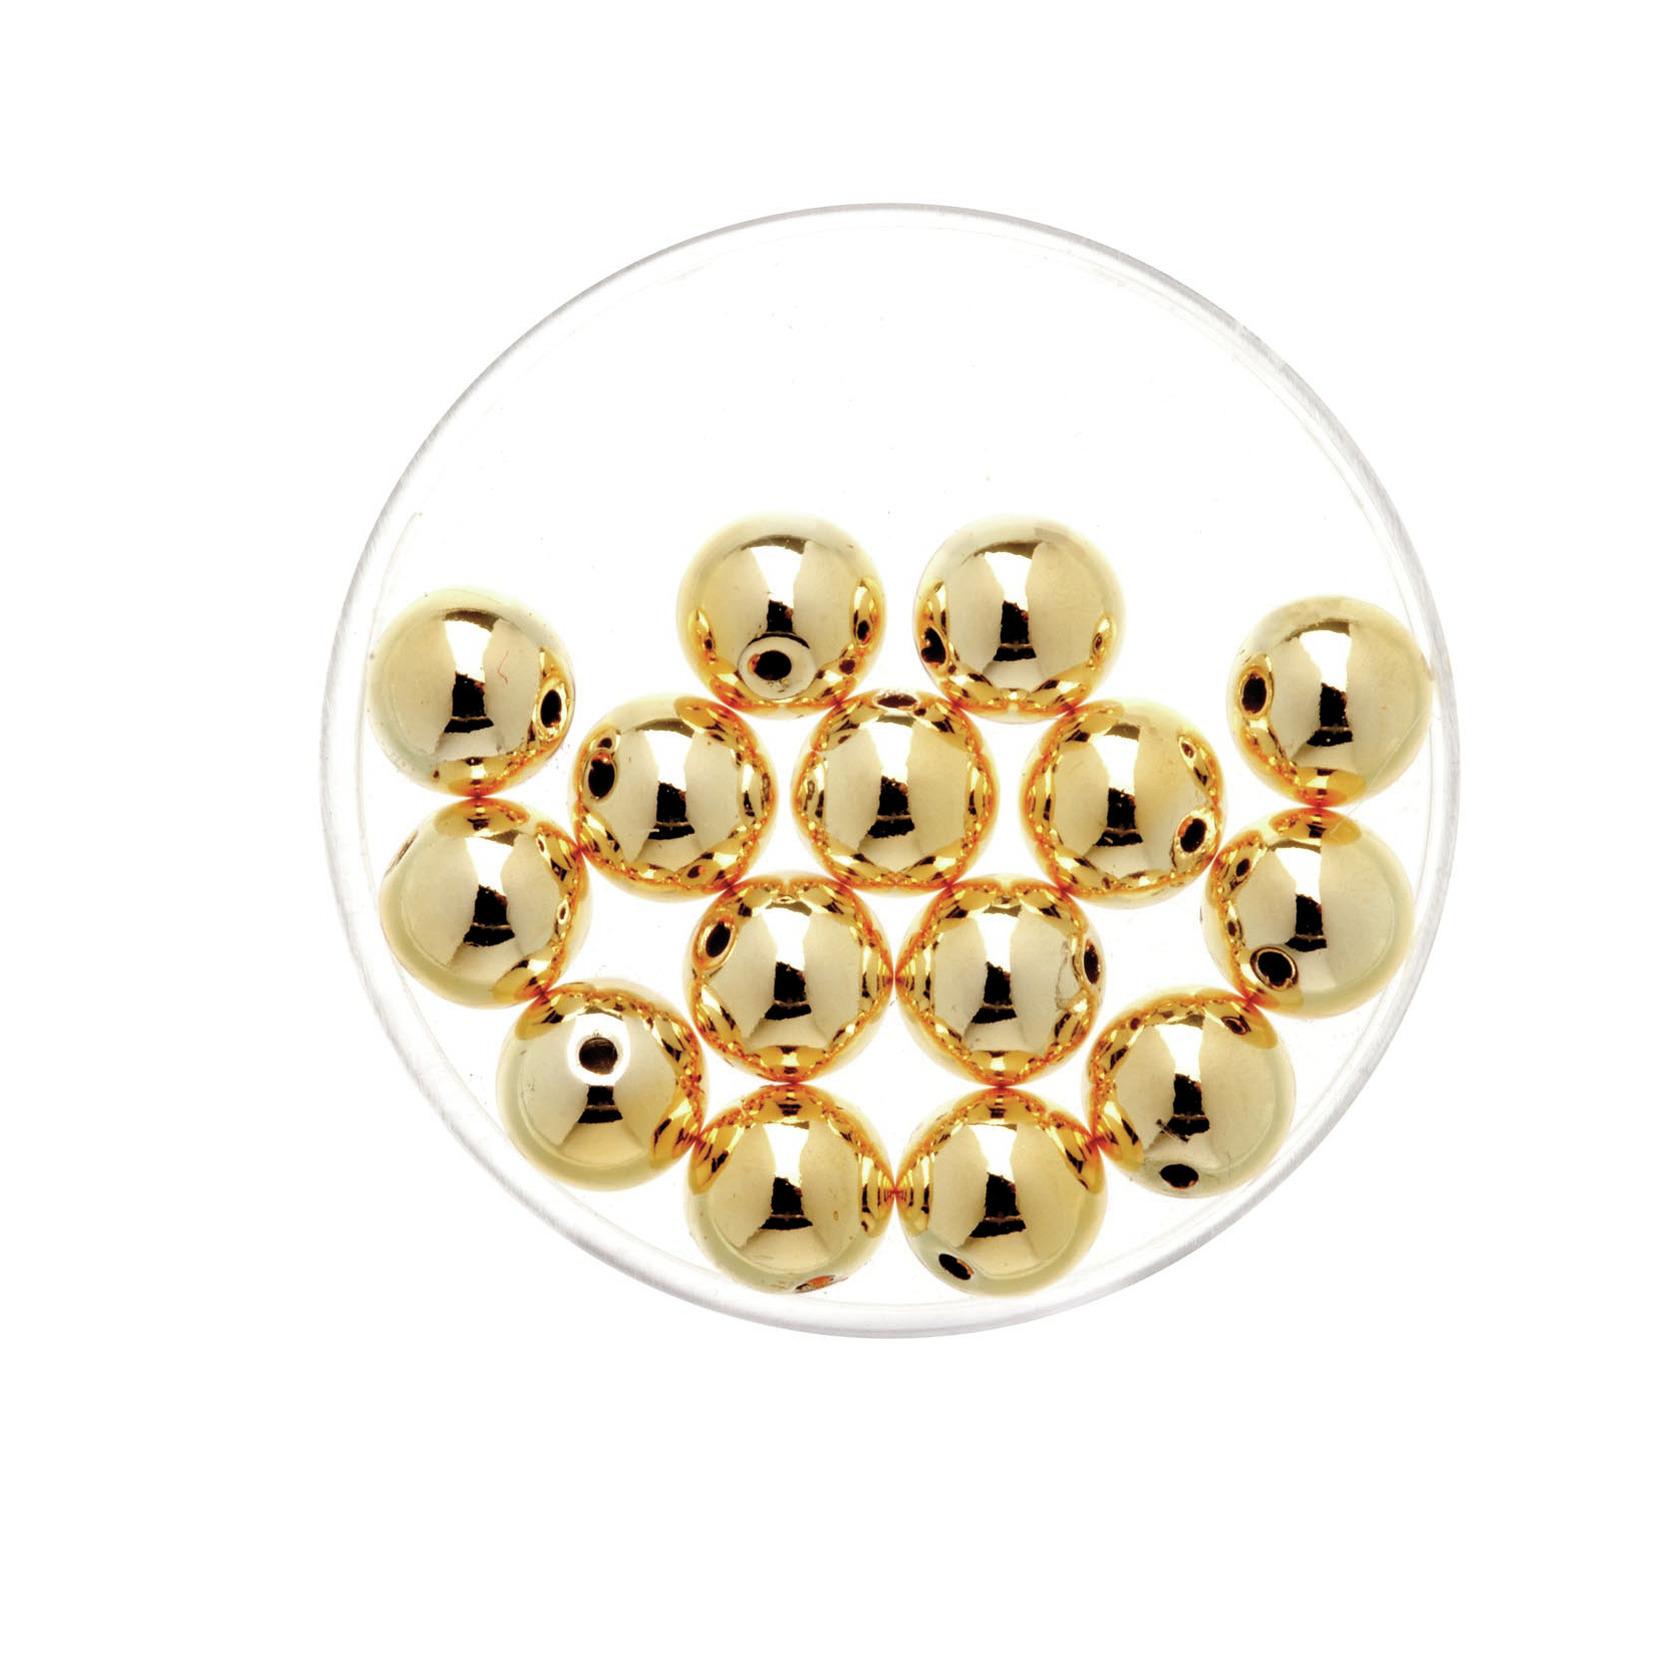 15x stuks metallic sieraden maken kralen in het goud van 8 mm